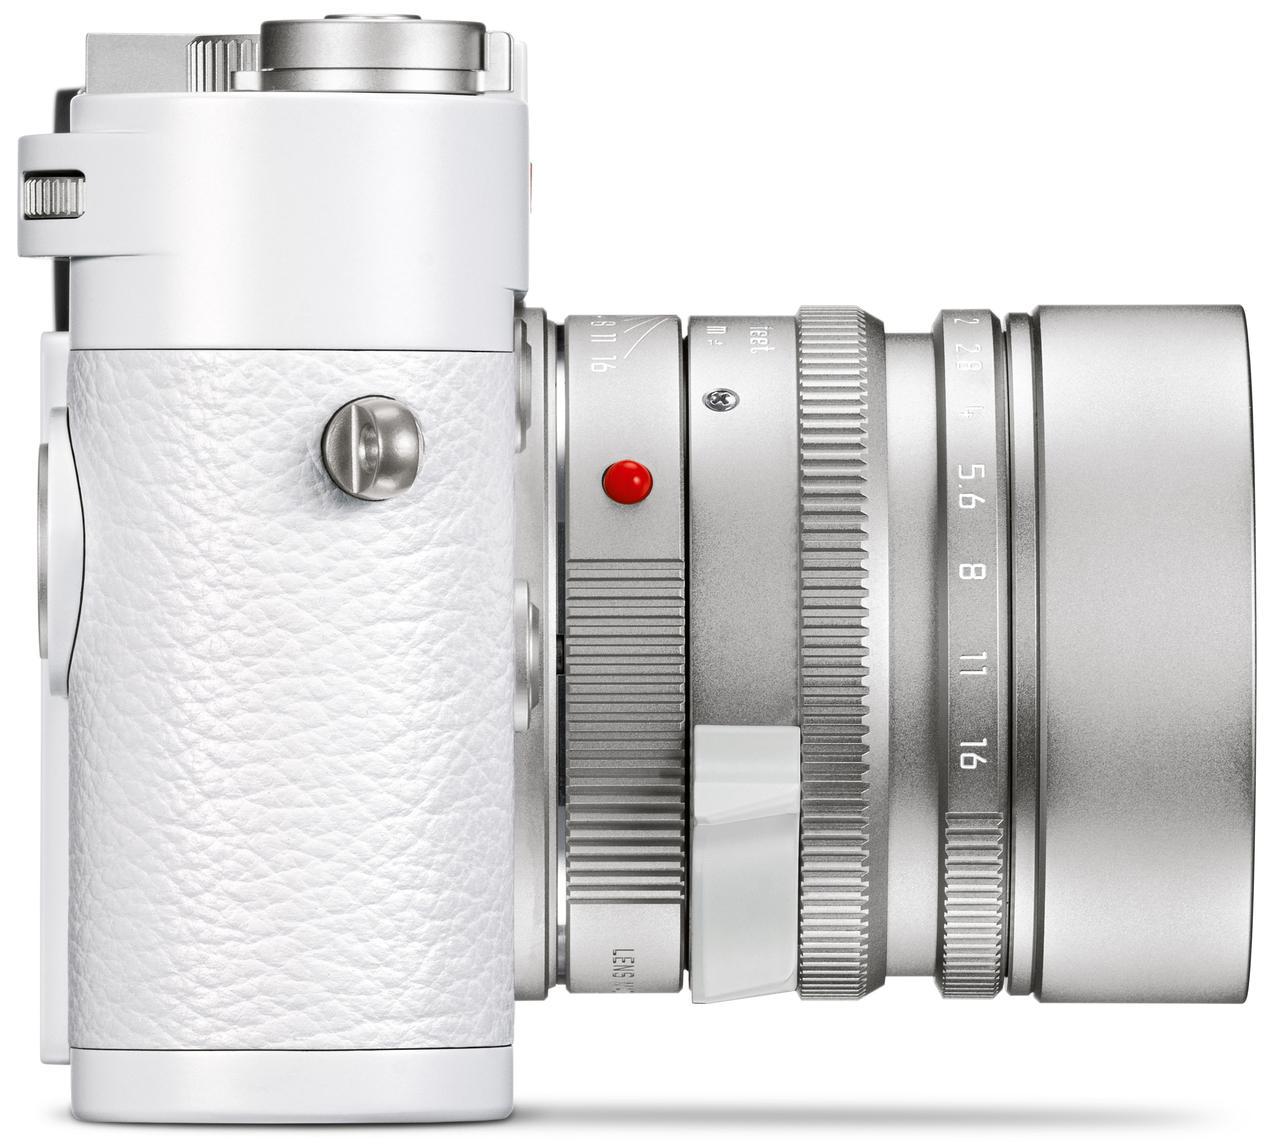 """画像2: ライカM10-Pの特別限定モデルを2機種発売 ライカM10–P """"White""""、ライカM10-P """"Ghost"""" Edition for HODINKEE"""